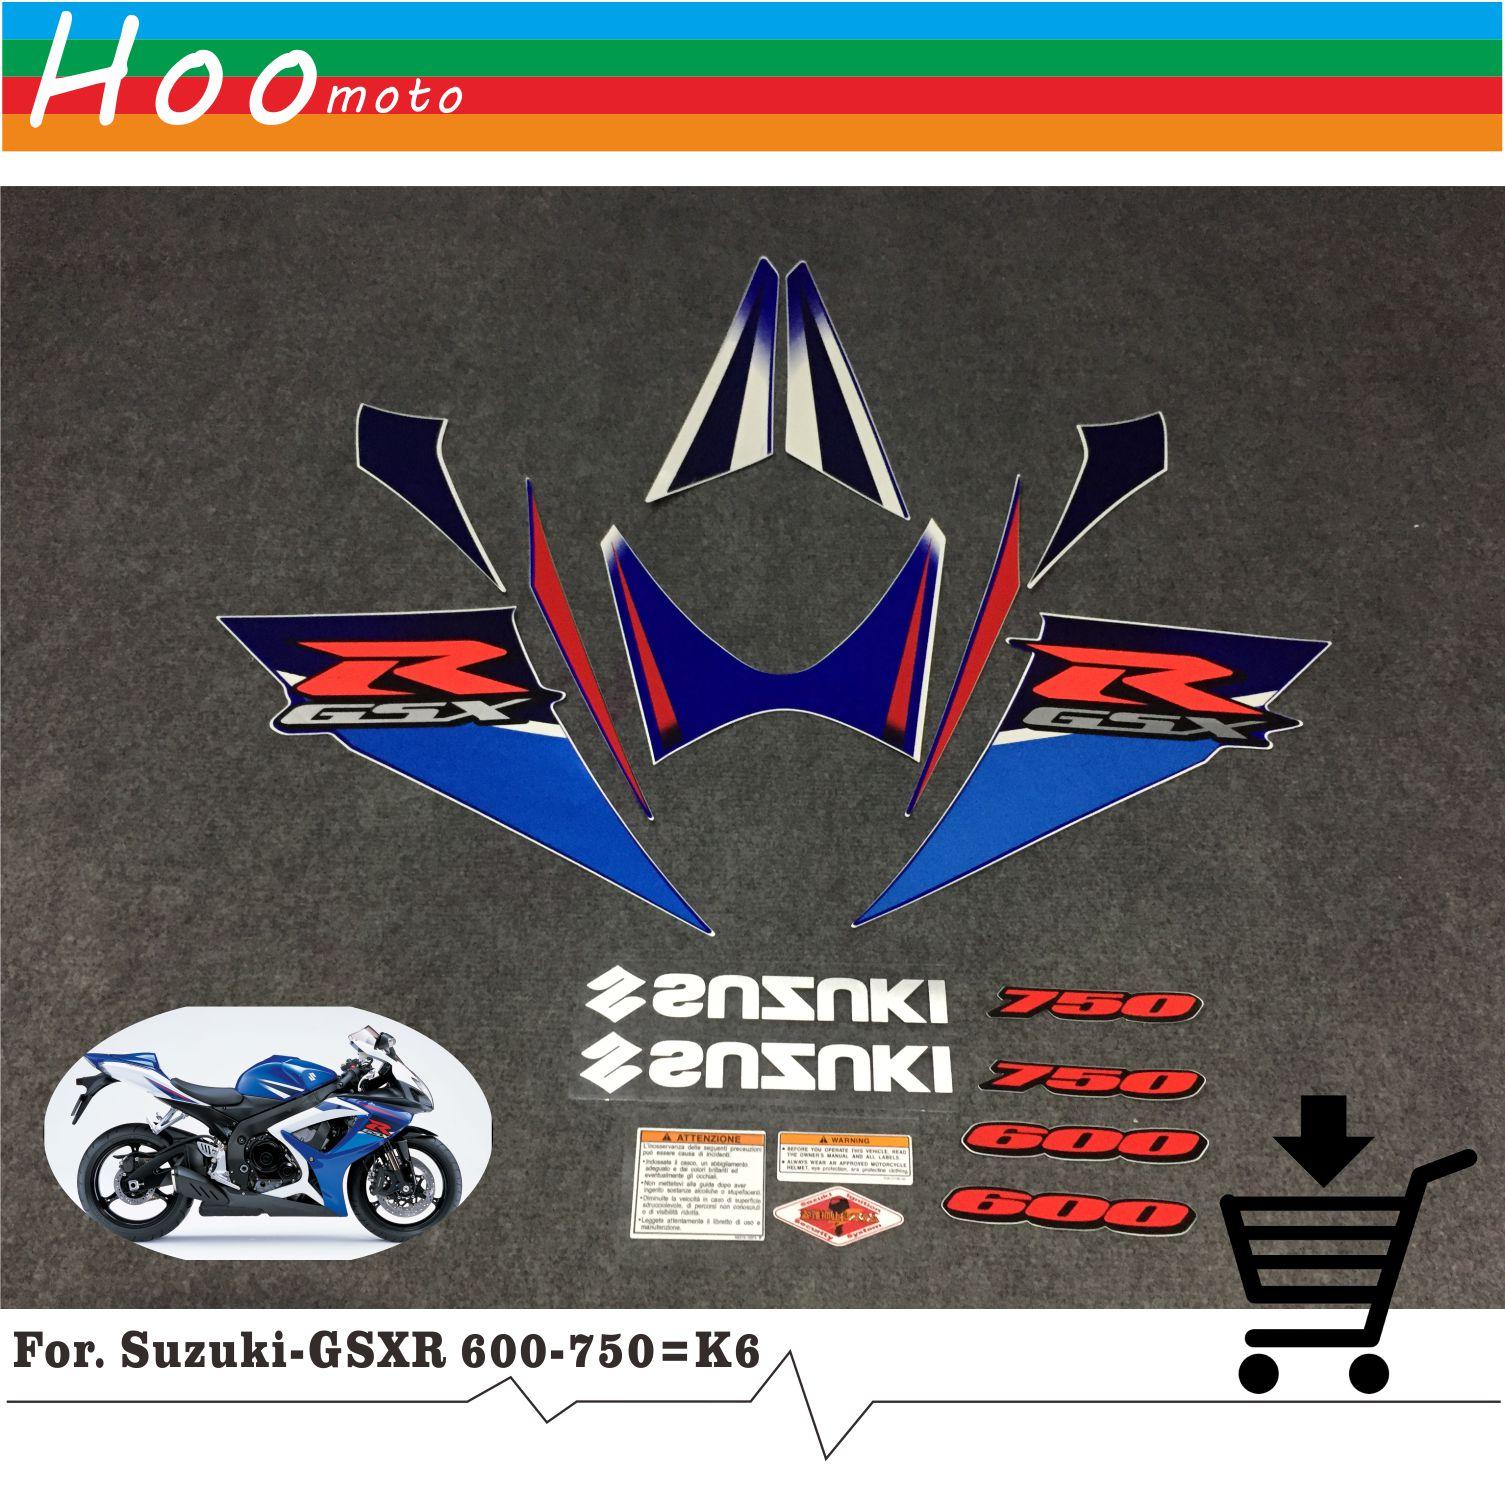 New For Suzuki GSXR GSX-R GSX R 600 K6 2007 MOTO High Quality Decals Sticker Motorcycle Car-styling Stickers More K6 K8 K11 K7